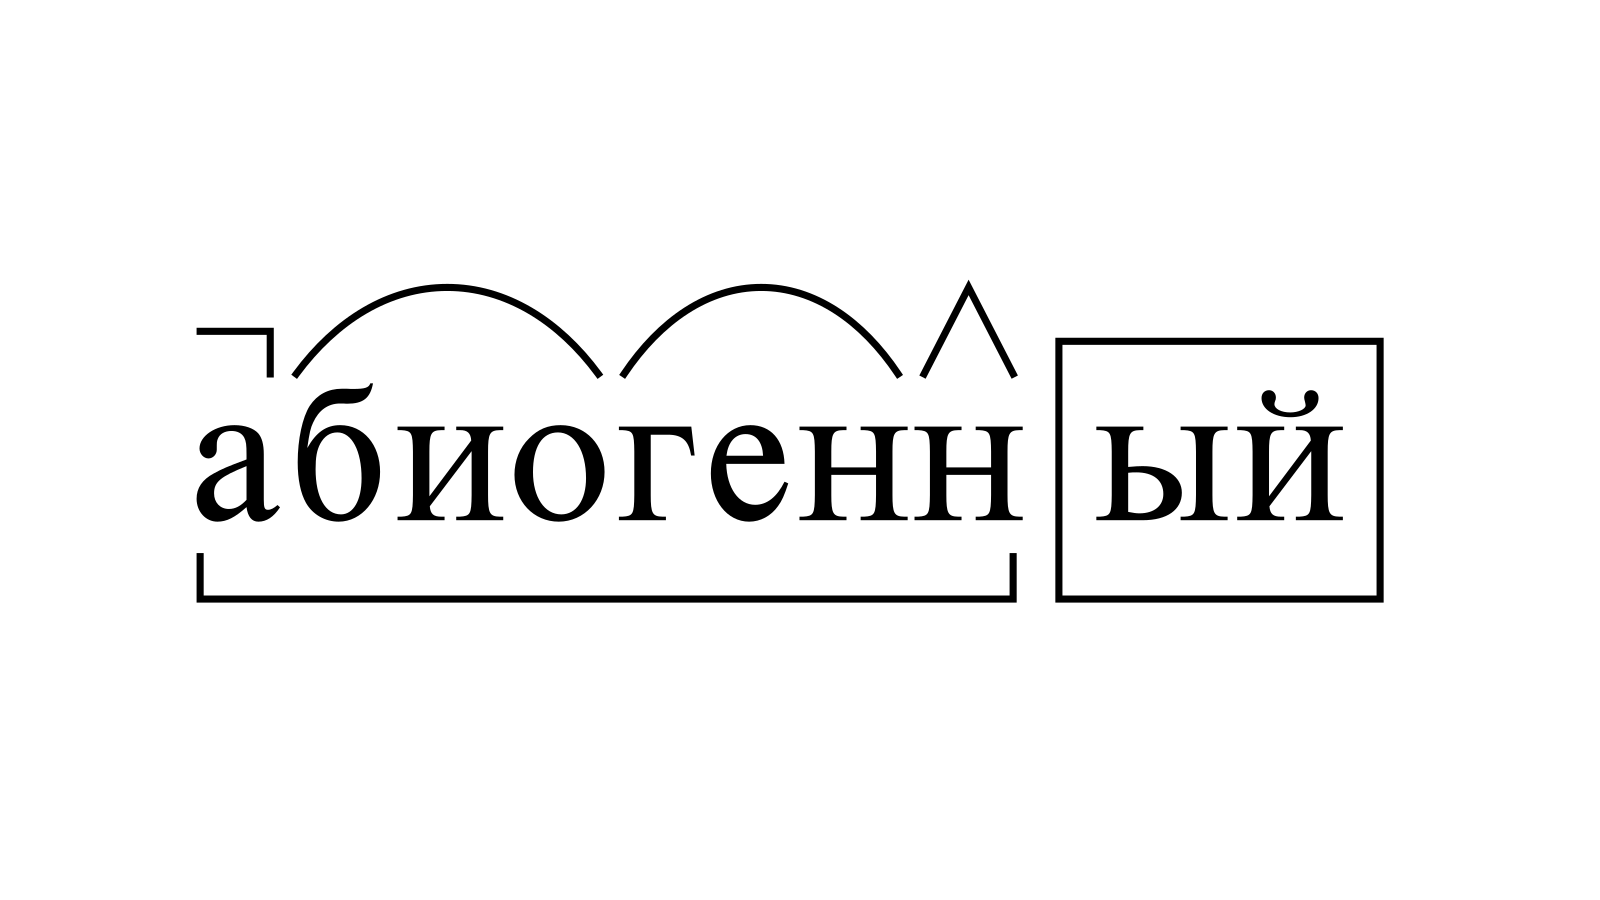 Разбор слова «абиогенный» по составу